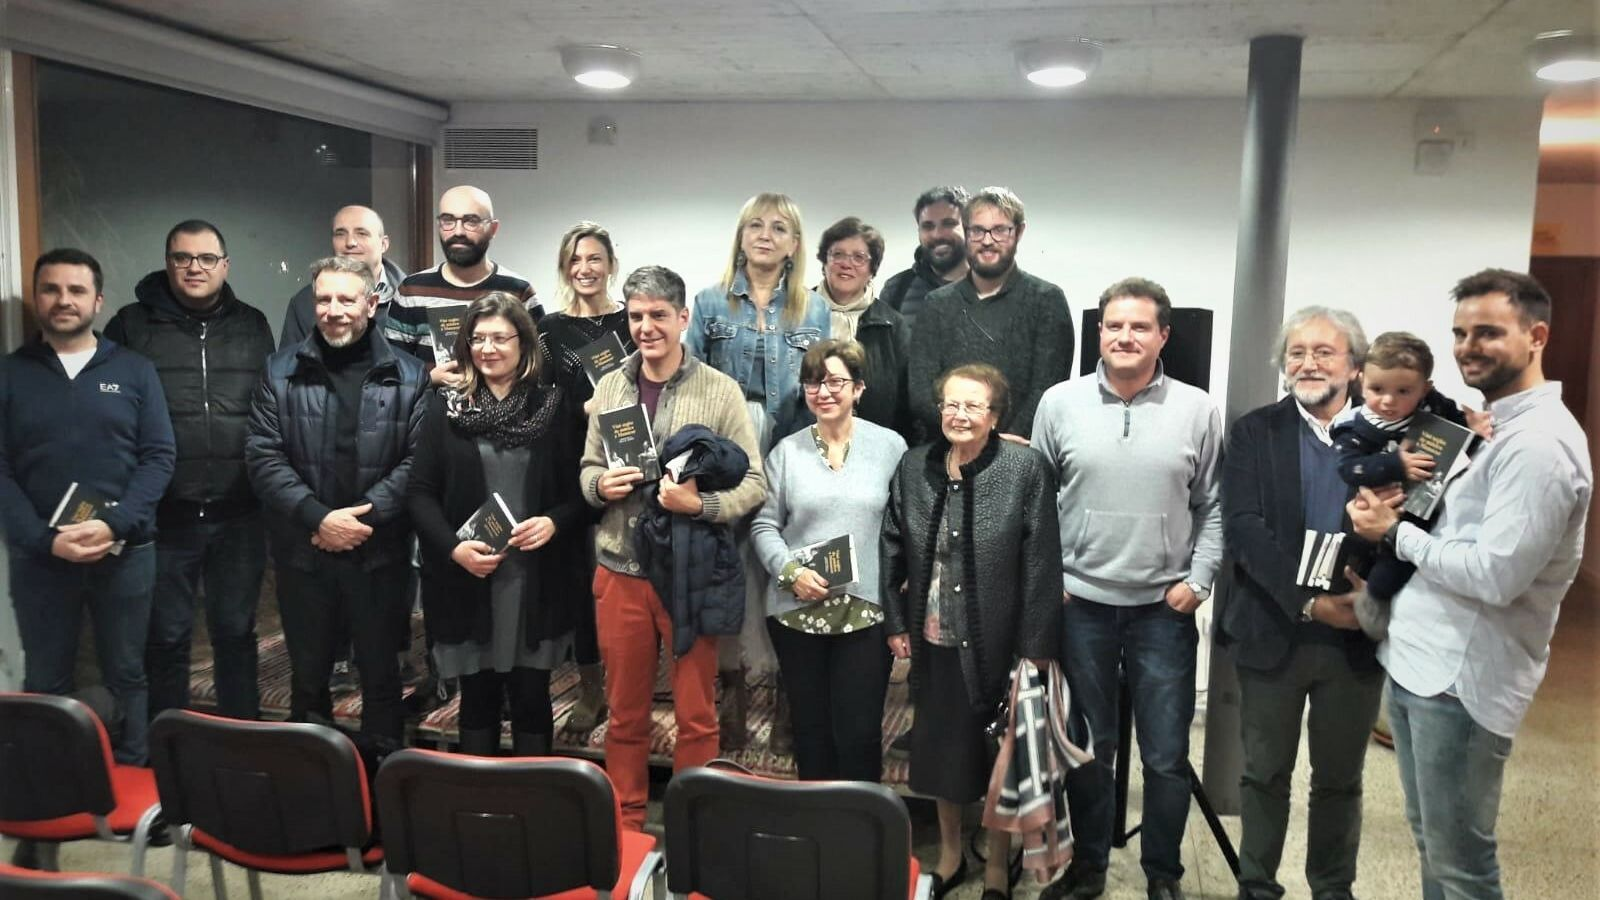 'Vint segles de música a Manacor', un homenatge a Aina M. Sansó